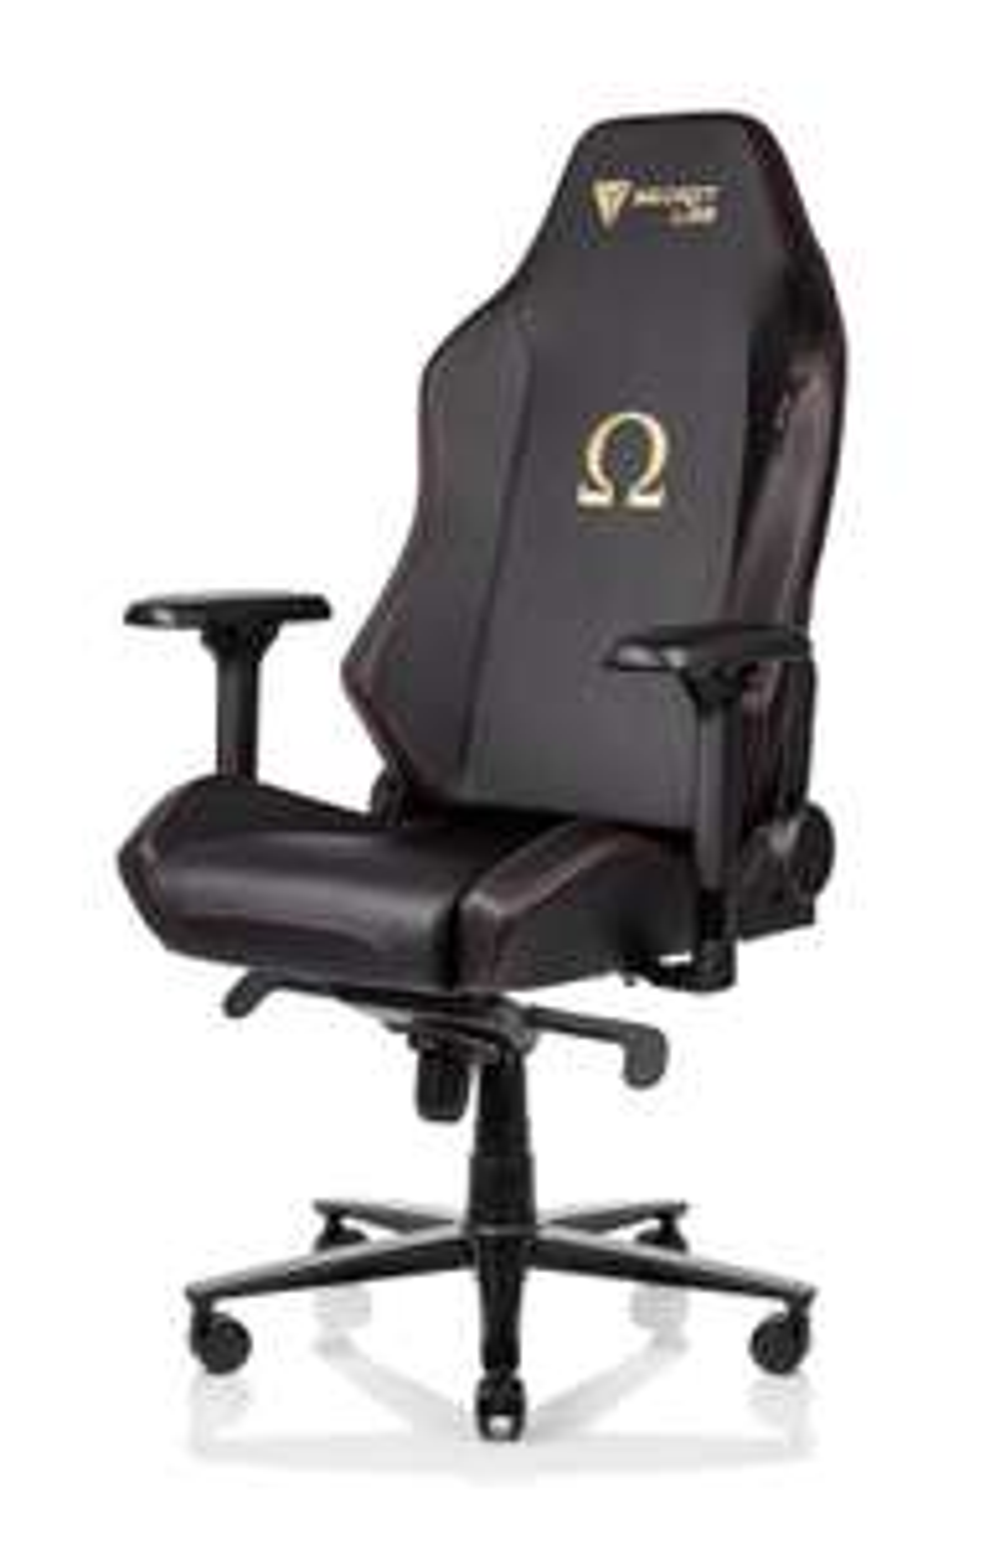 Sélection de chaises de bureau Secret Lab en promotion - Ex : Prime 2.0 (en cuir, différents coloris) - SecretLab.eu